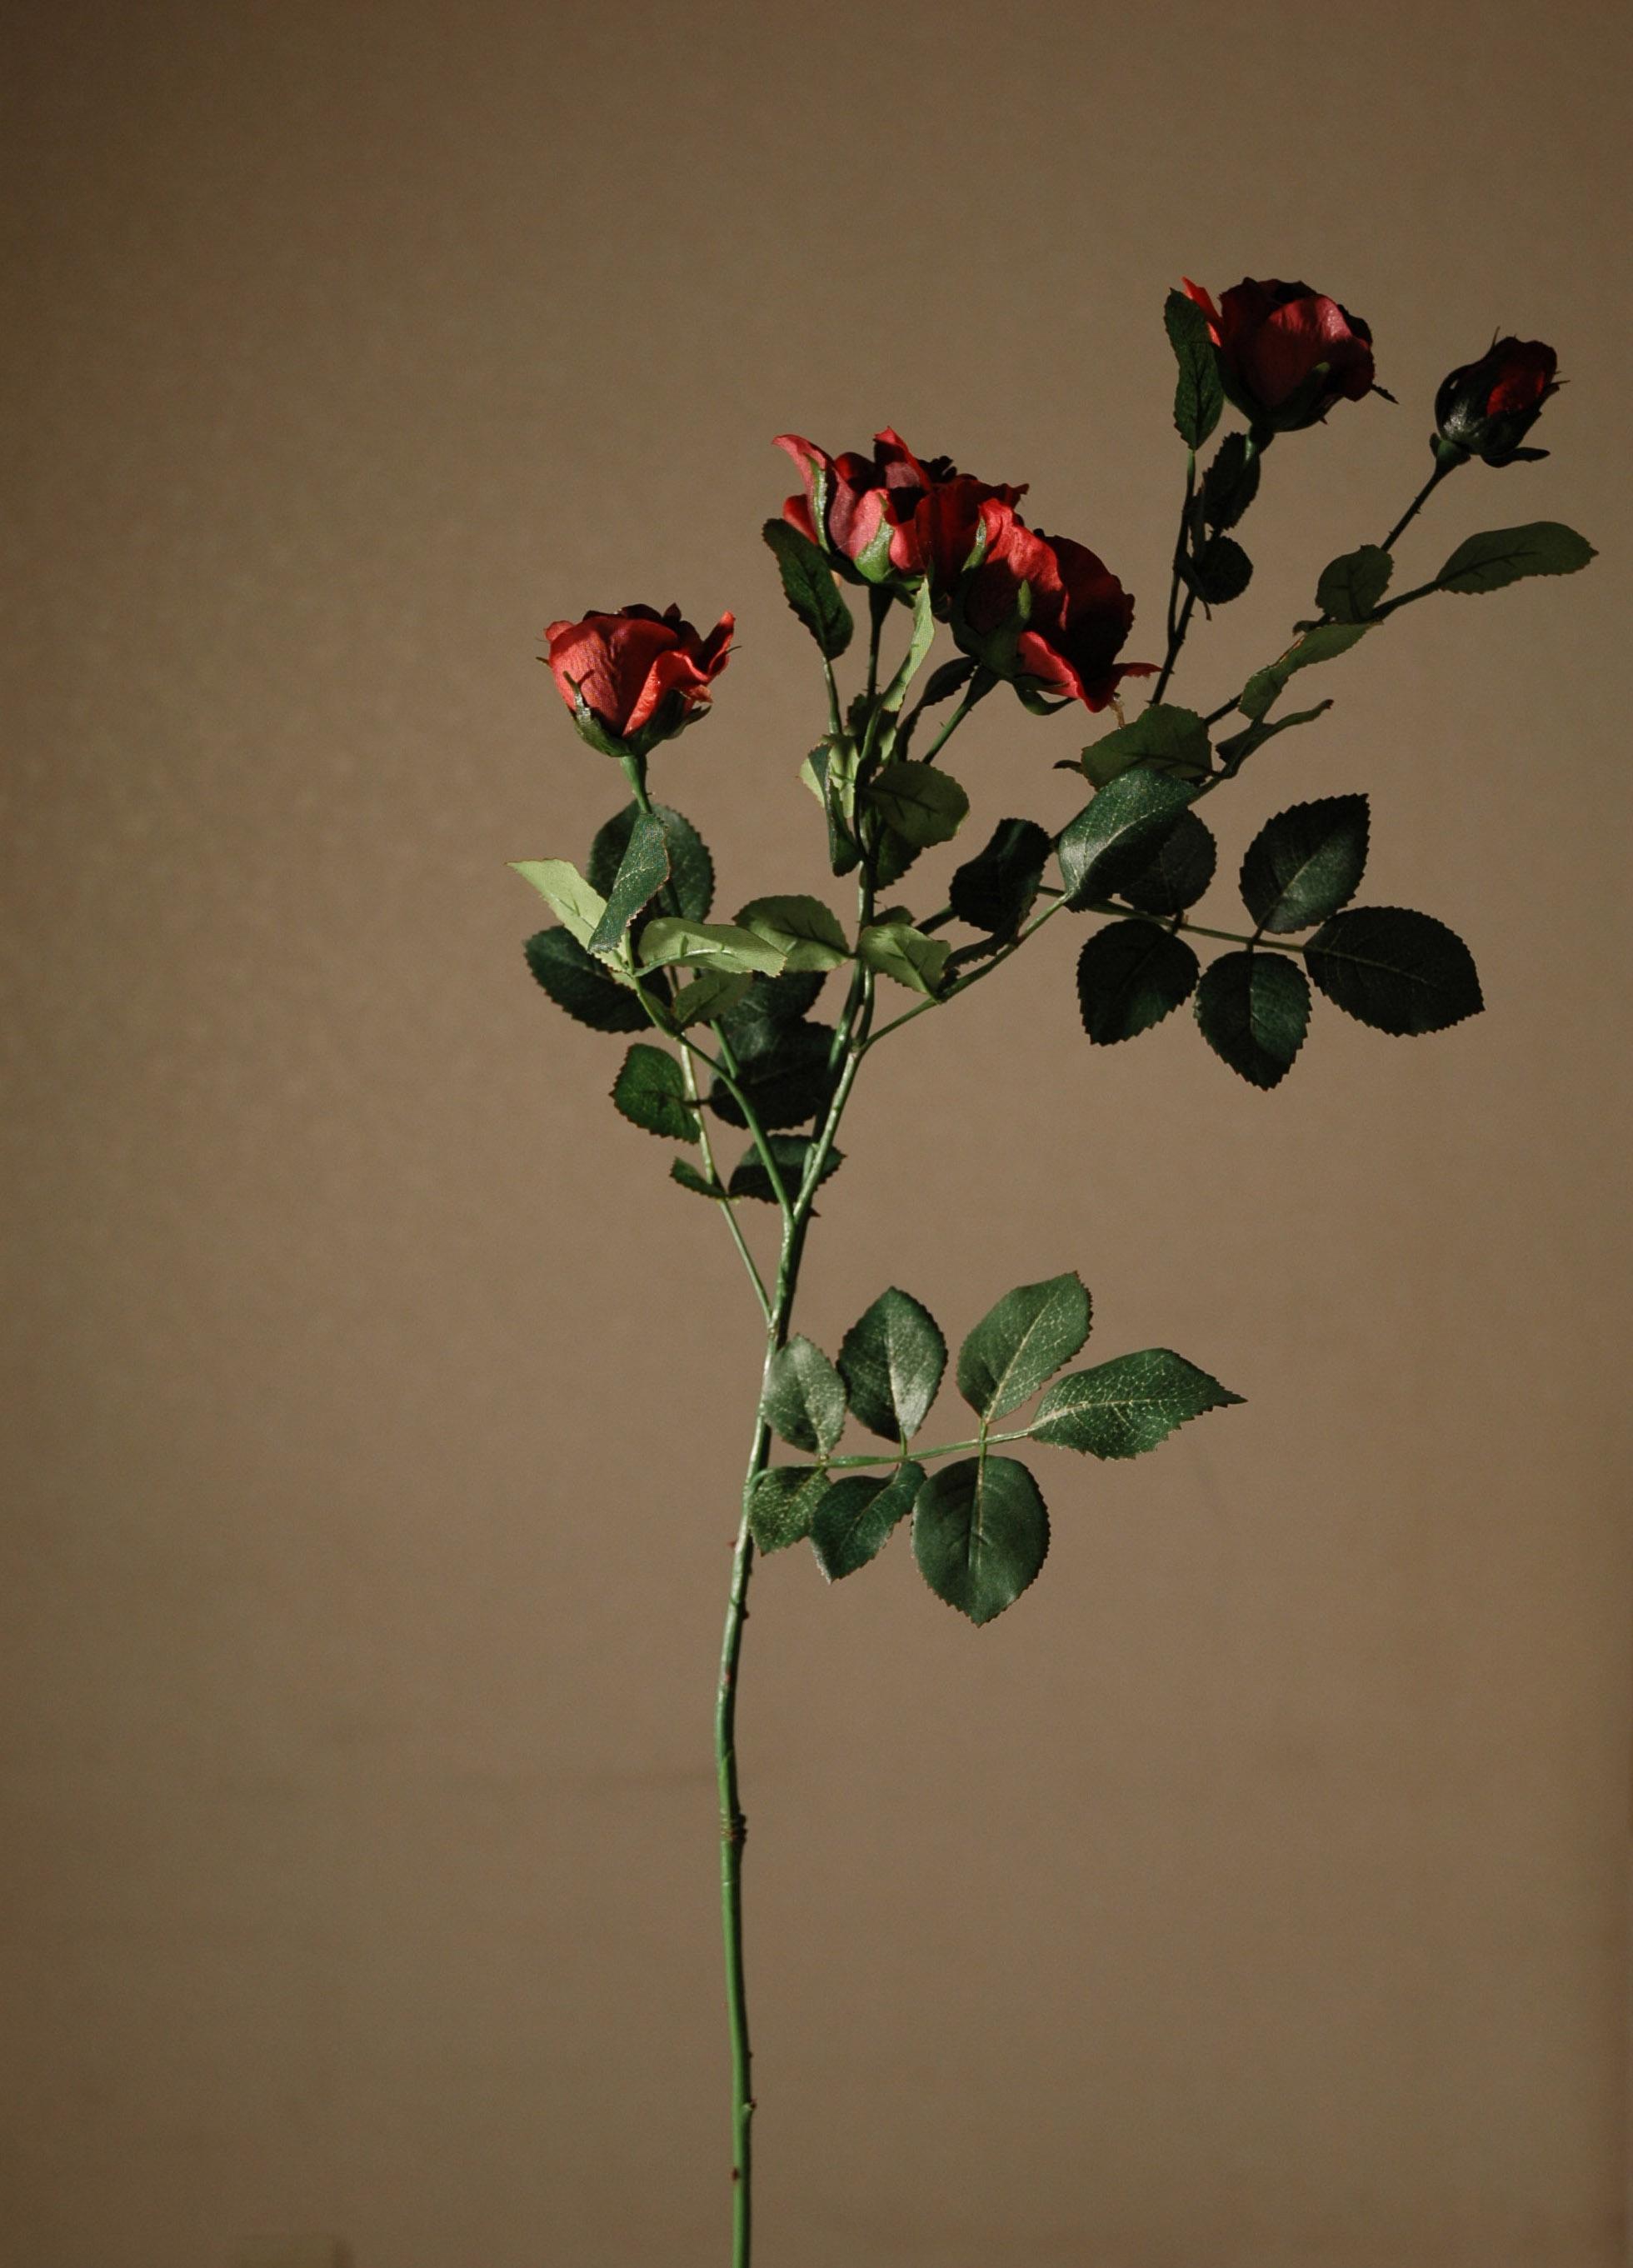 rose 02 2005